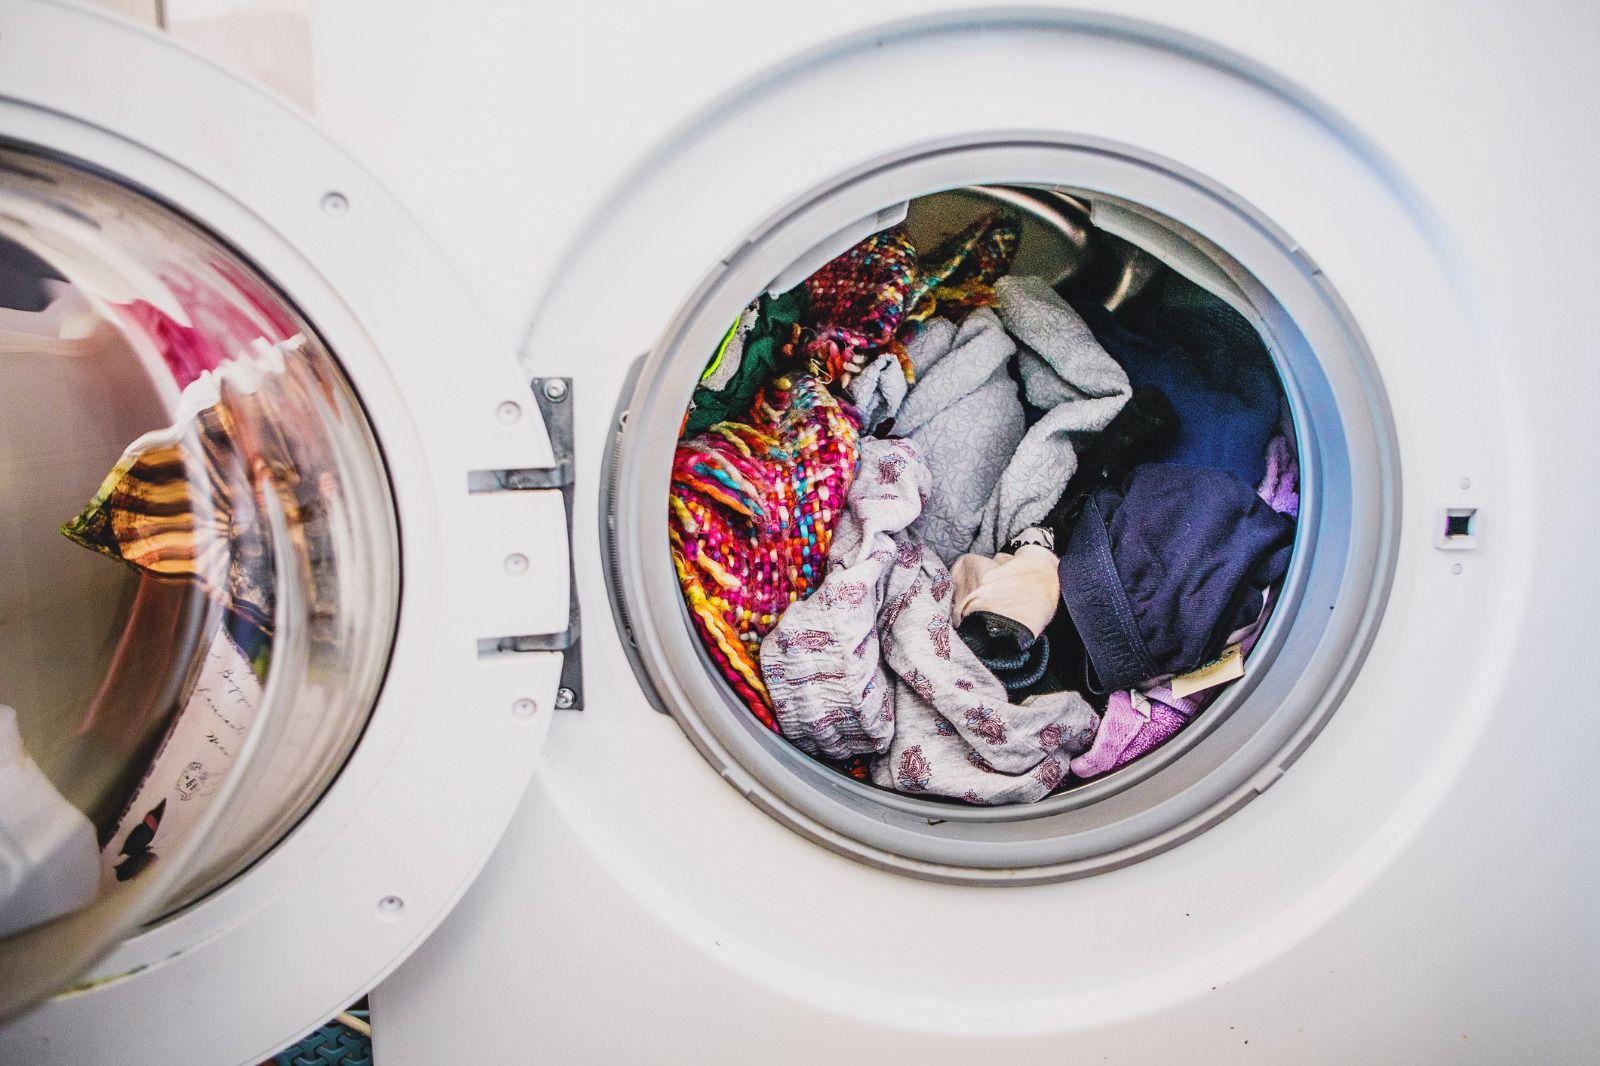 La spa dei tessuti = come fare la lavatrice senza uscirne stropicciati (touché)